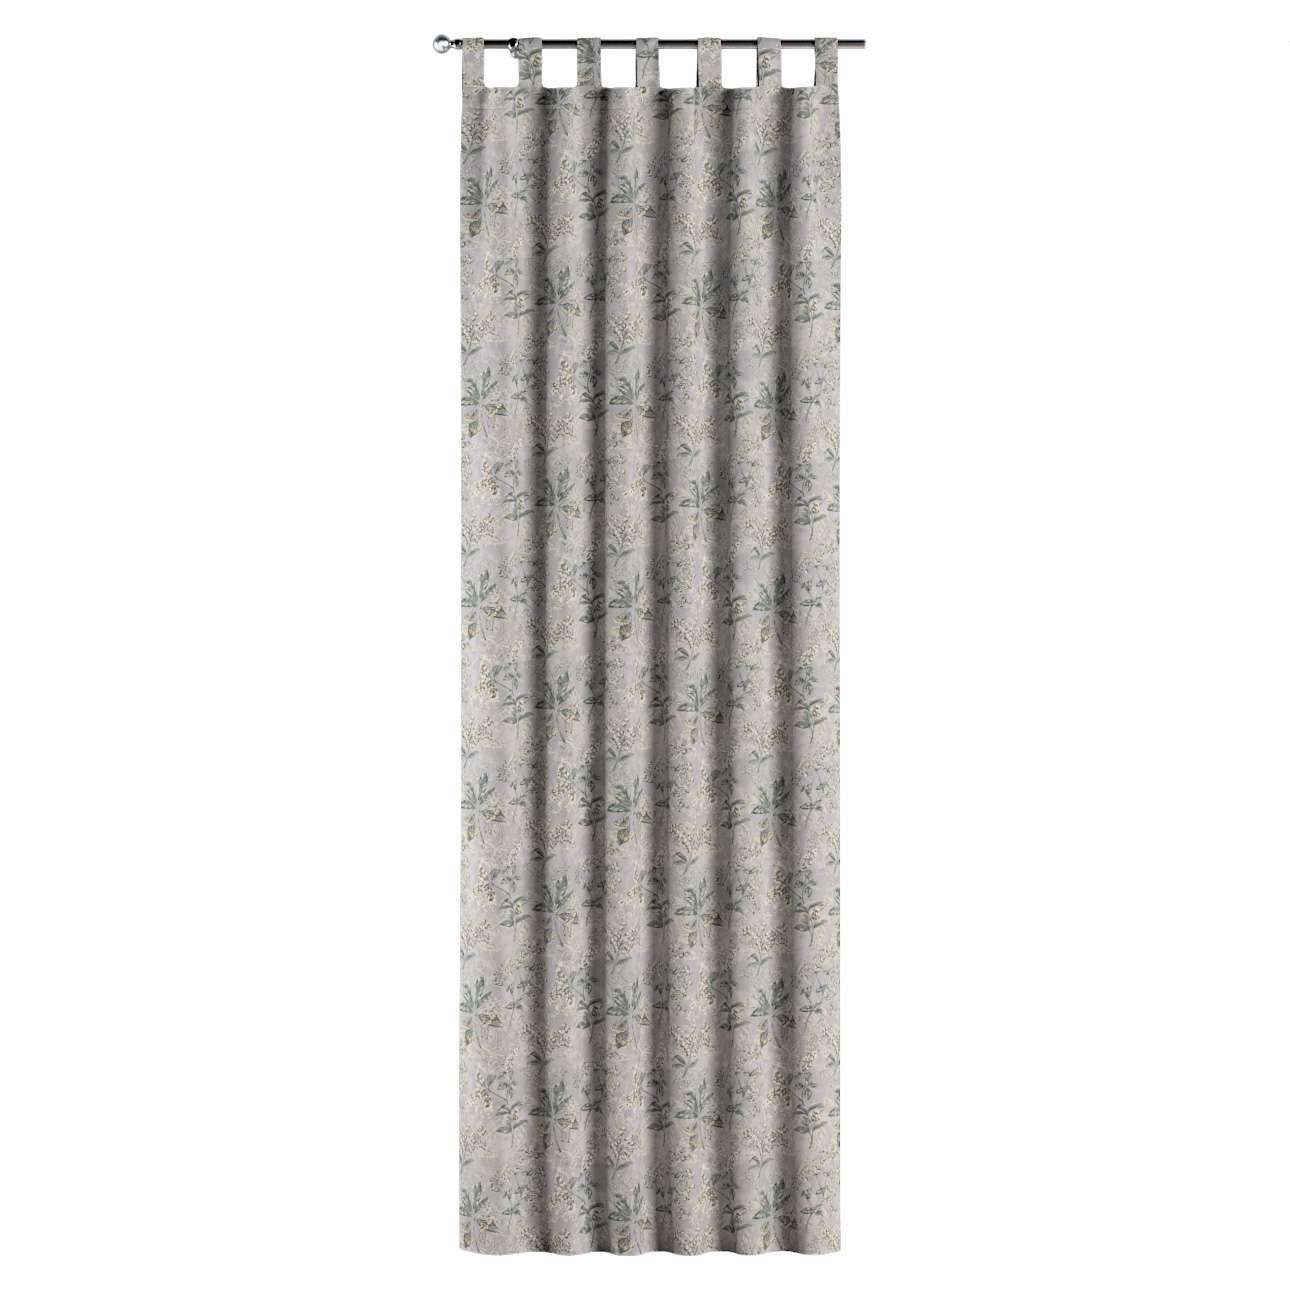 Zasłona na szelkach 1 szt. w kolekcji Londres, tkanina: 143-37